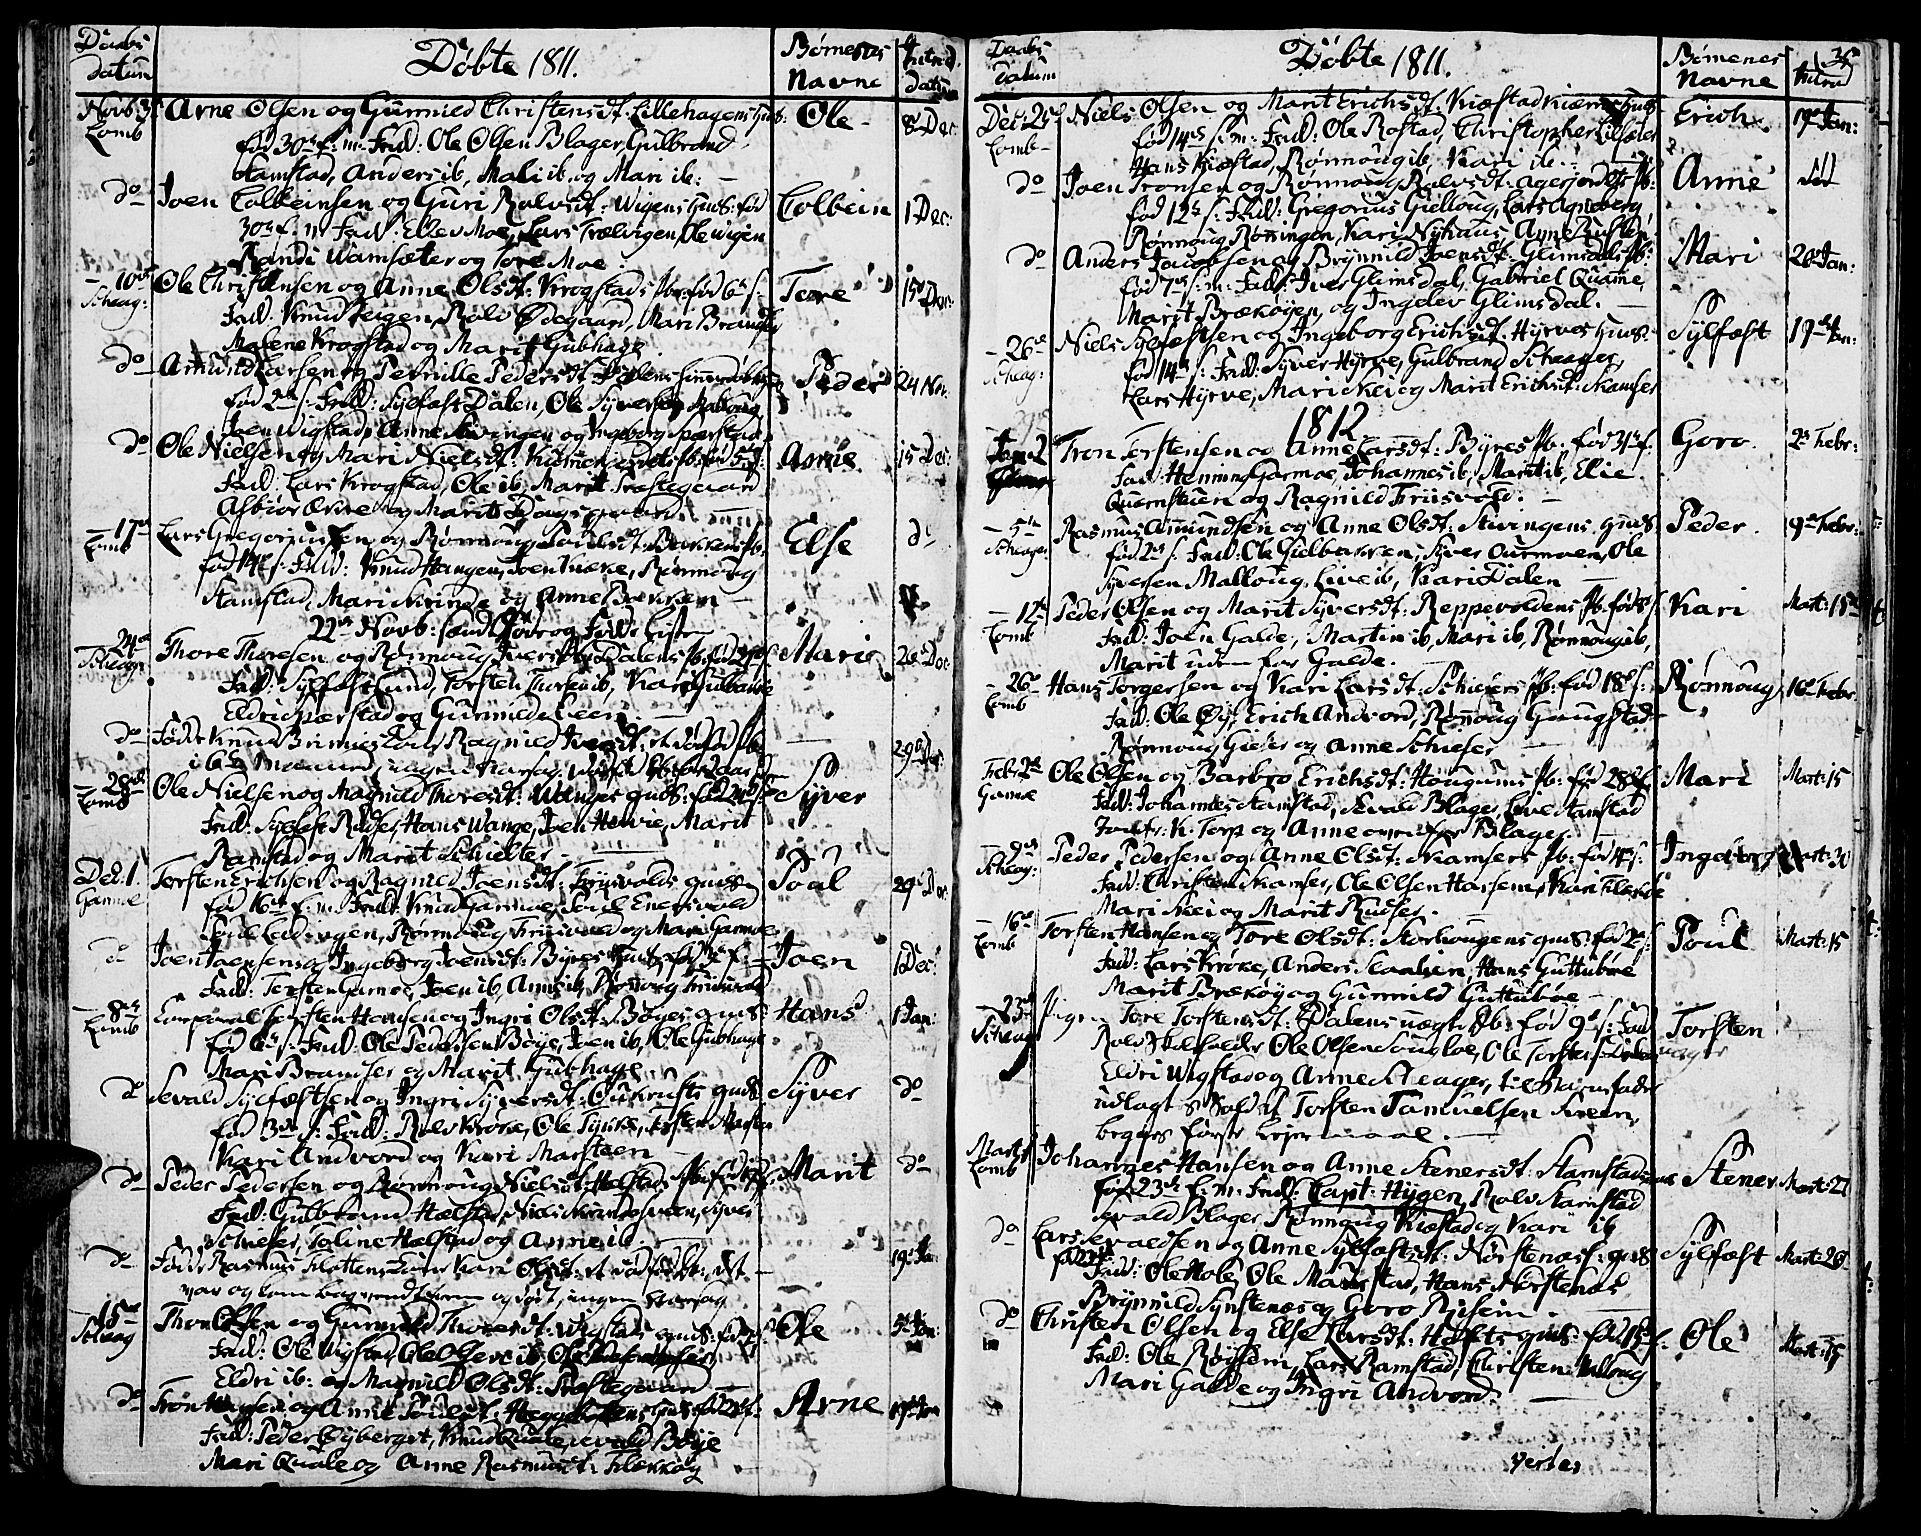 SAH, Lom prestekontor, K/L0003: Ministerialbok nr. 3, 1801-1825, s. 35